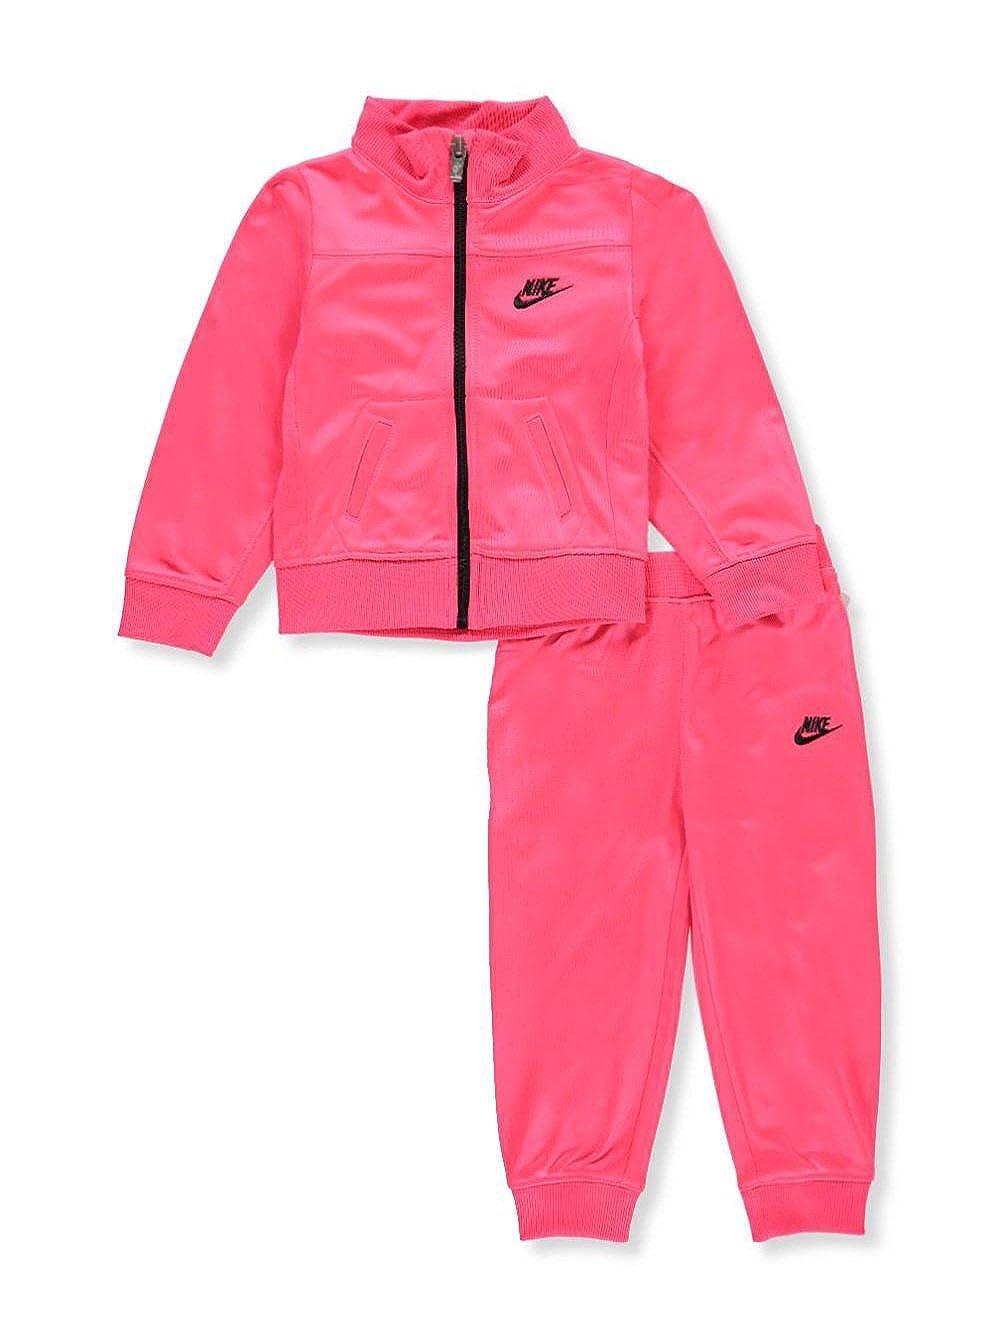 Nike 409S-A4F Sudadera, Bebé-Niños: Amazon.es: Ropa y accesorios